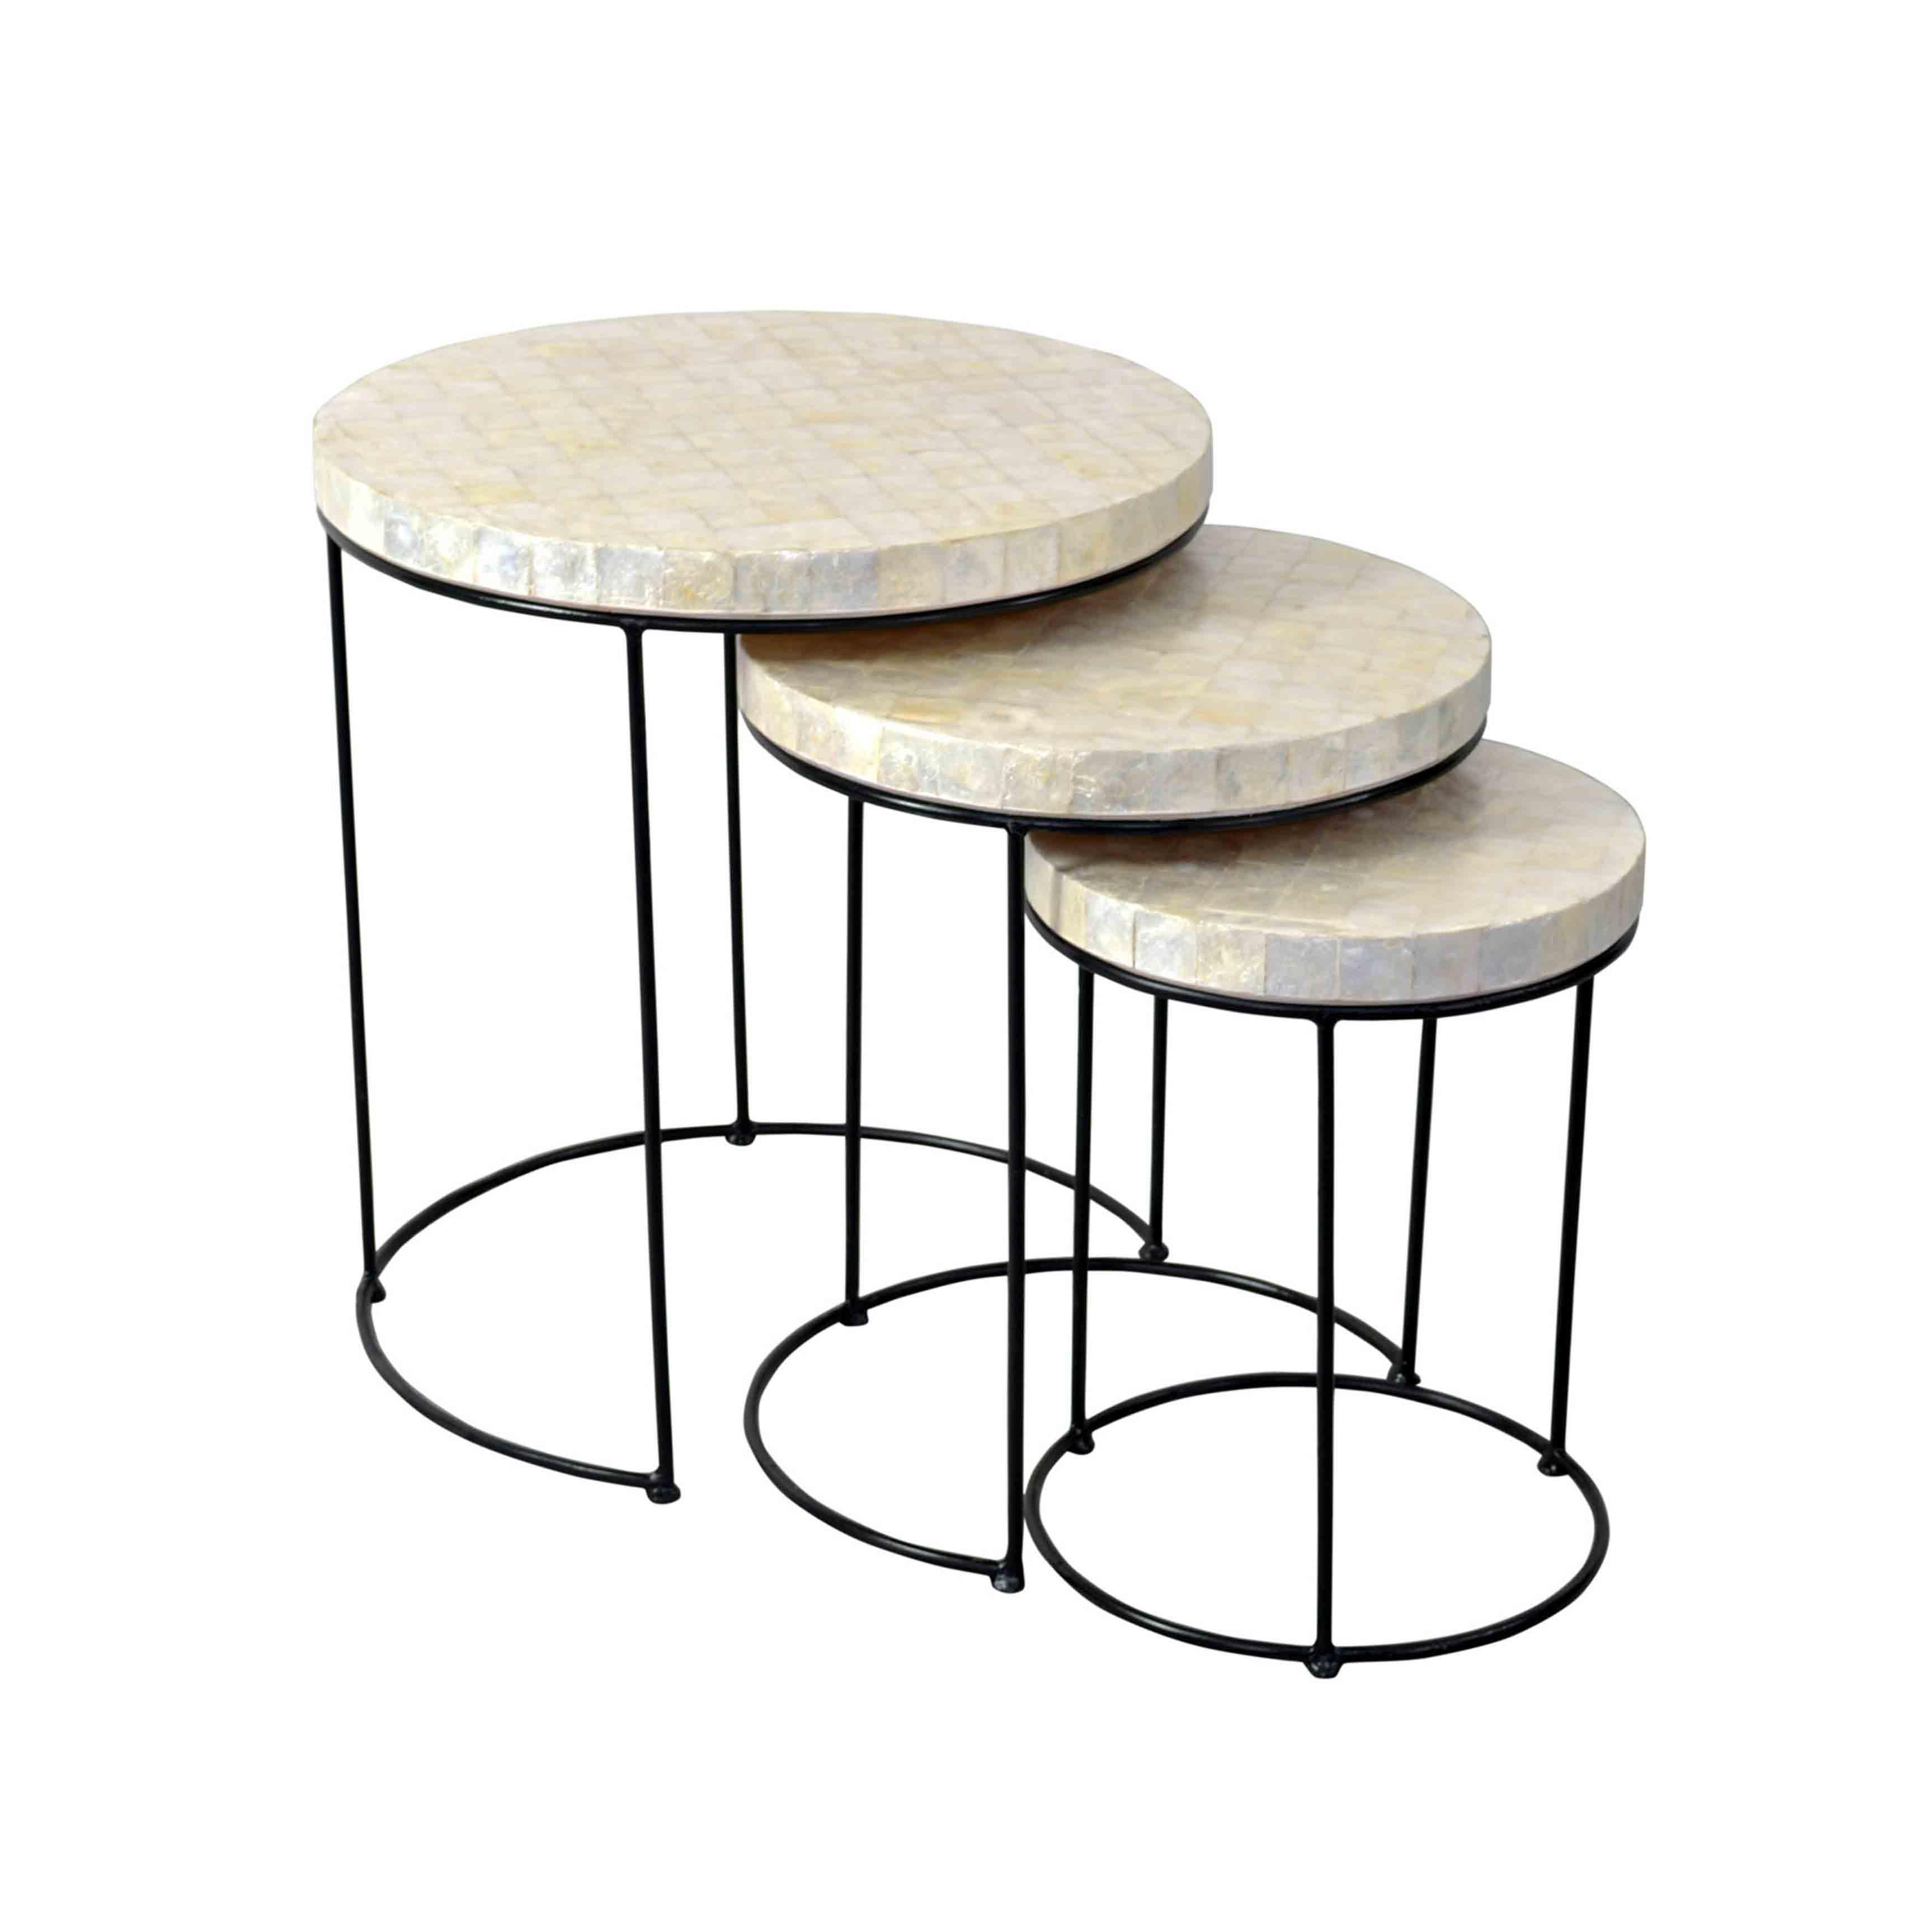 Capiz round table